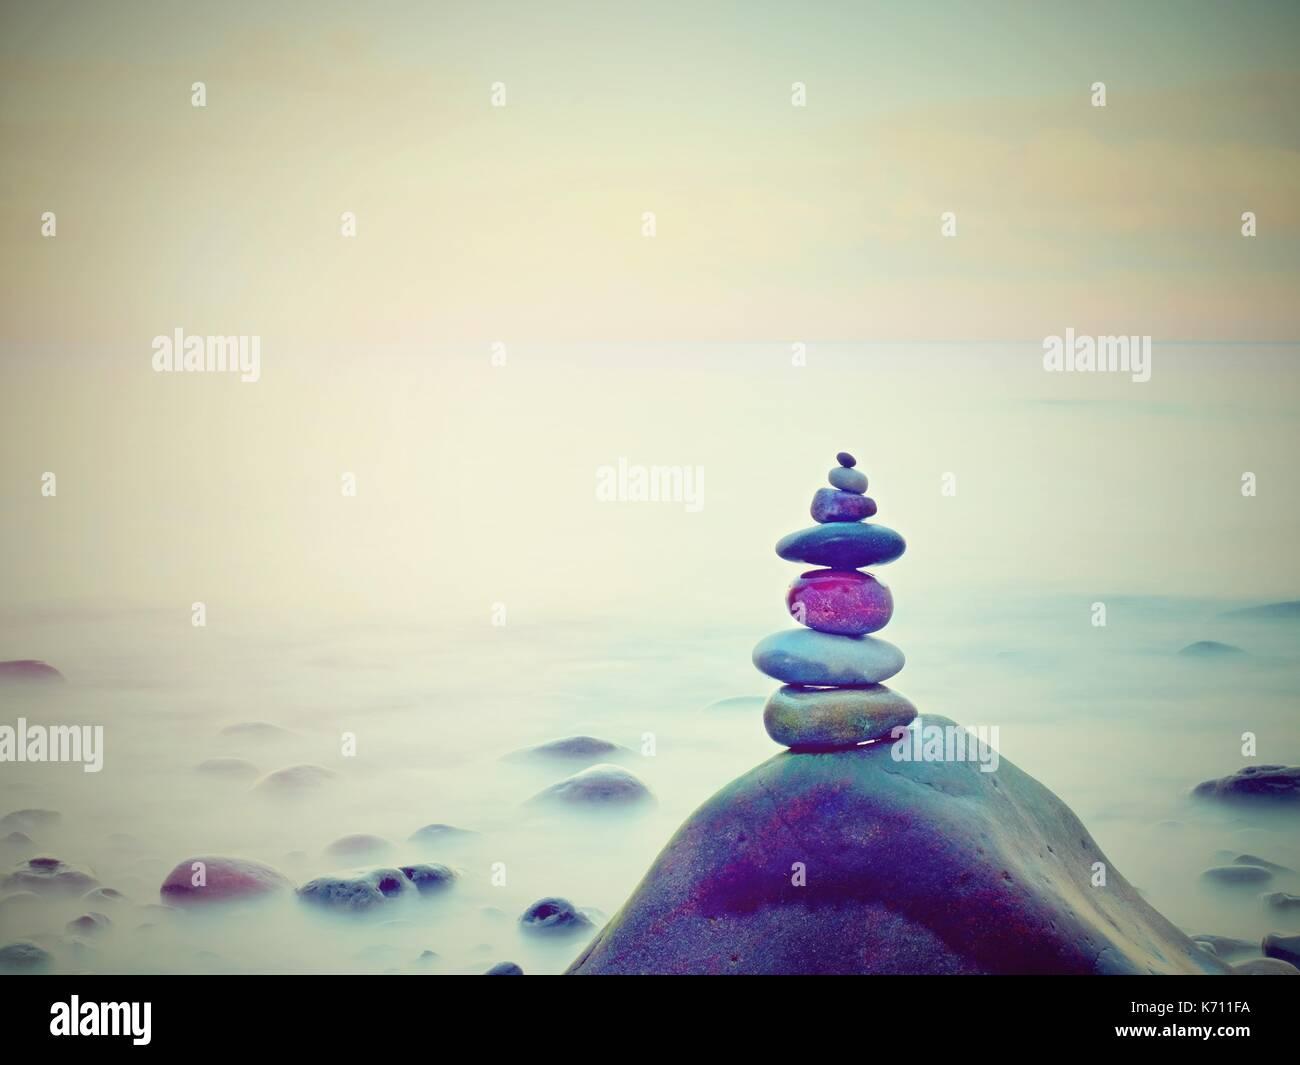 Die Steine der Pyramide auf Kiesel-strand symbolisiert Stabilität, Zen, Harmonie, Balance. Tropische Meer Strand. Stockbild